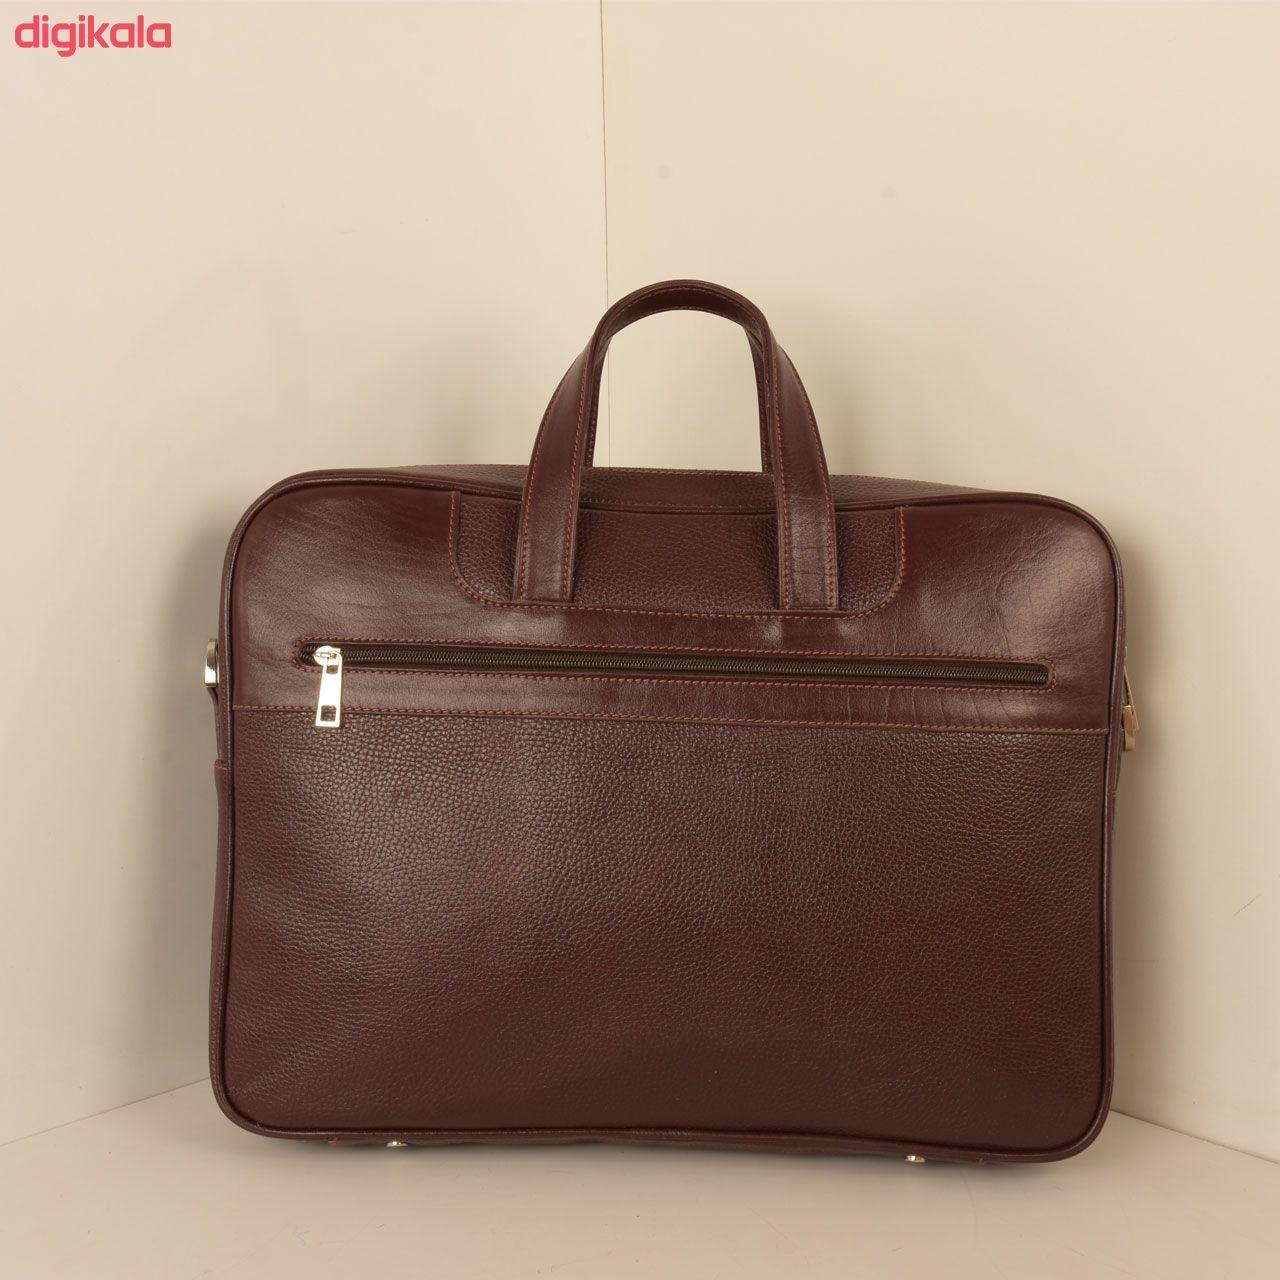 کیف اداری مردانه پارینه چرم مدل L159 main 1 12